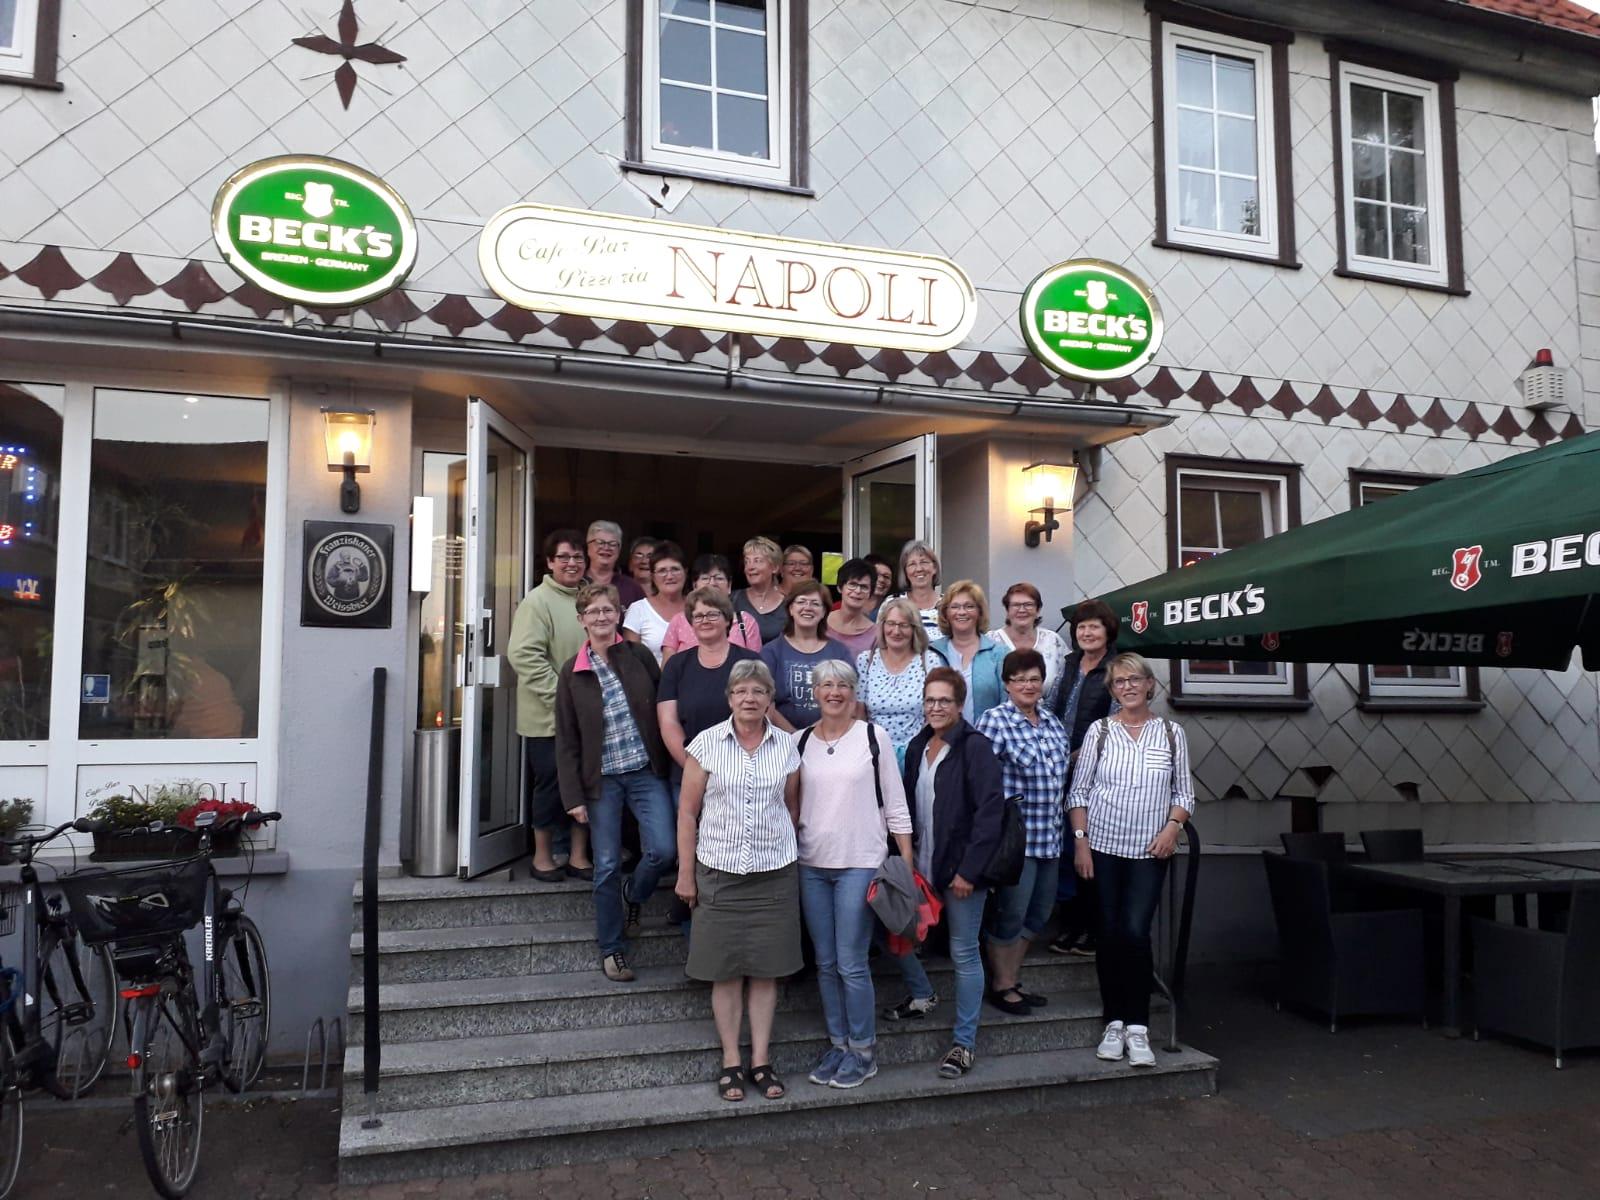 Abendwanderung nach Katlenburg